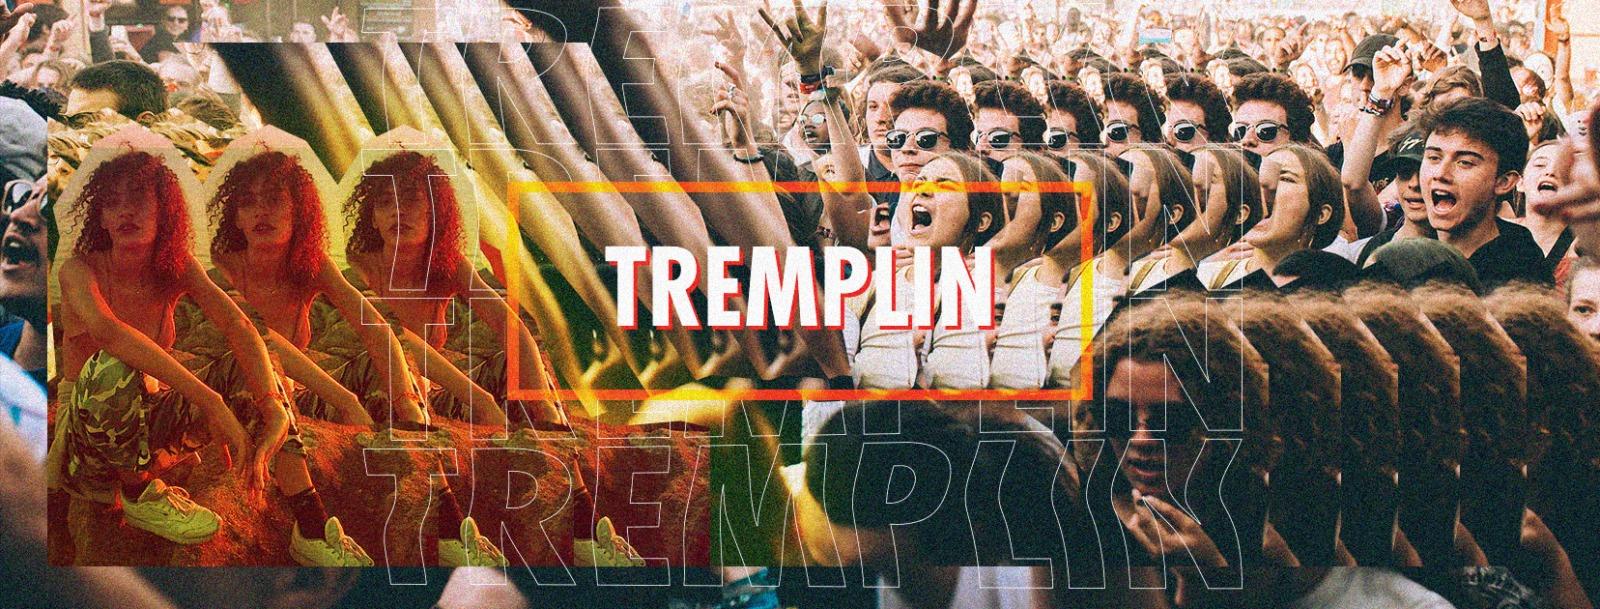 TREMPLIN1001 2 - Présentation